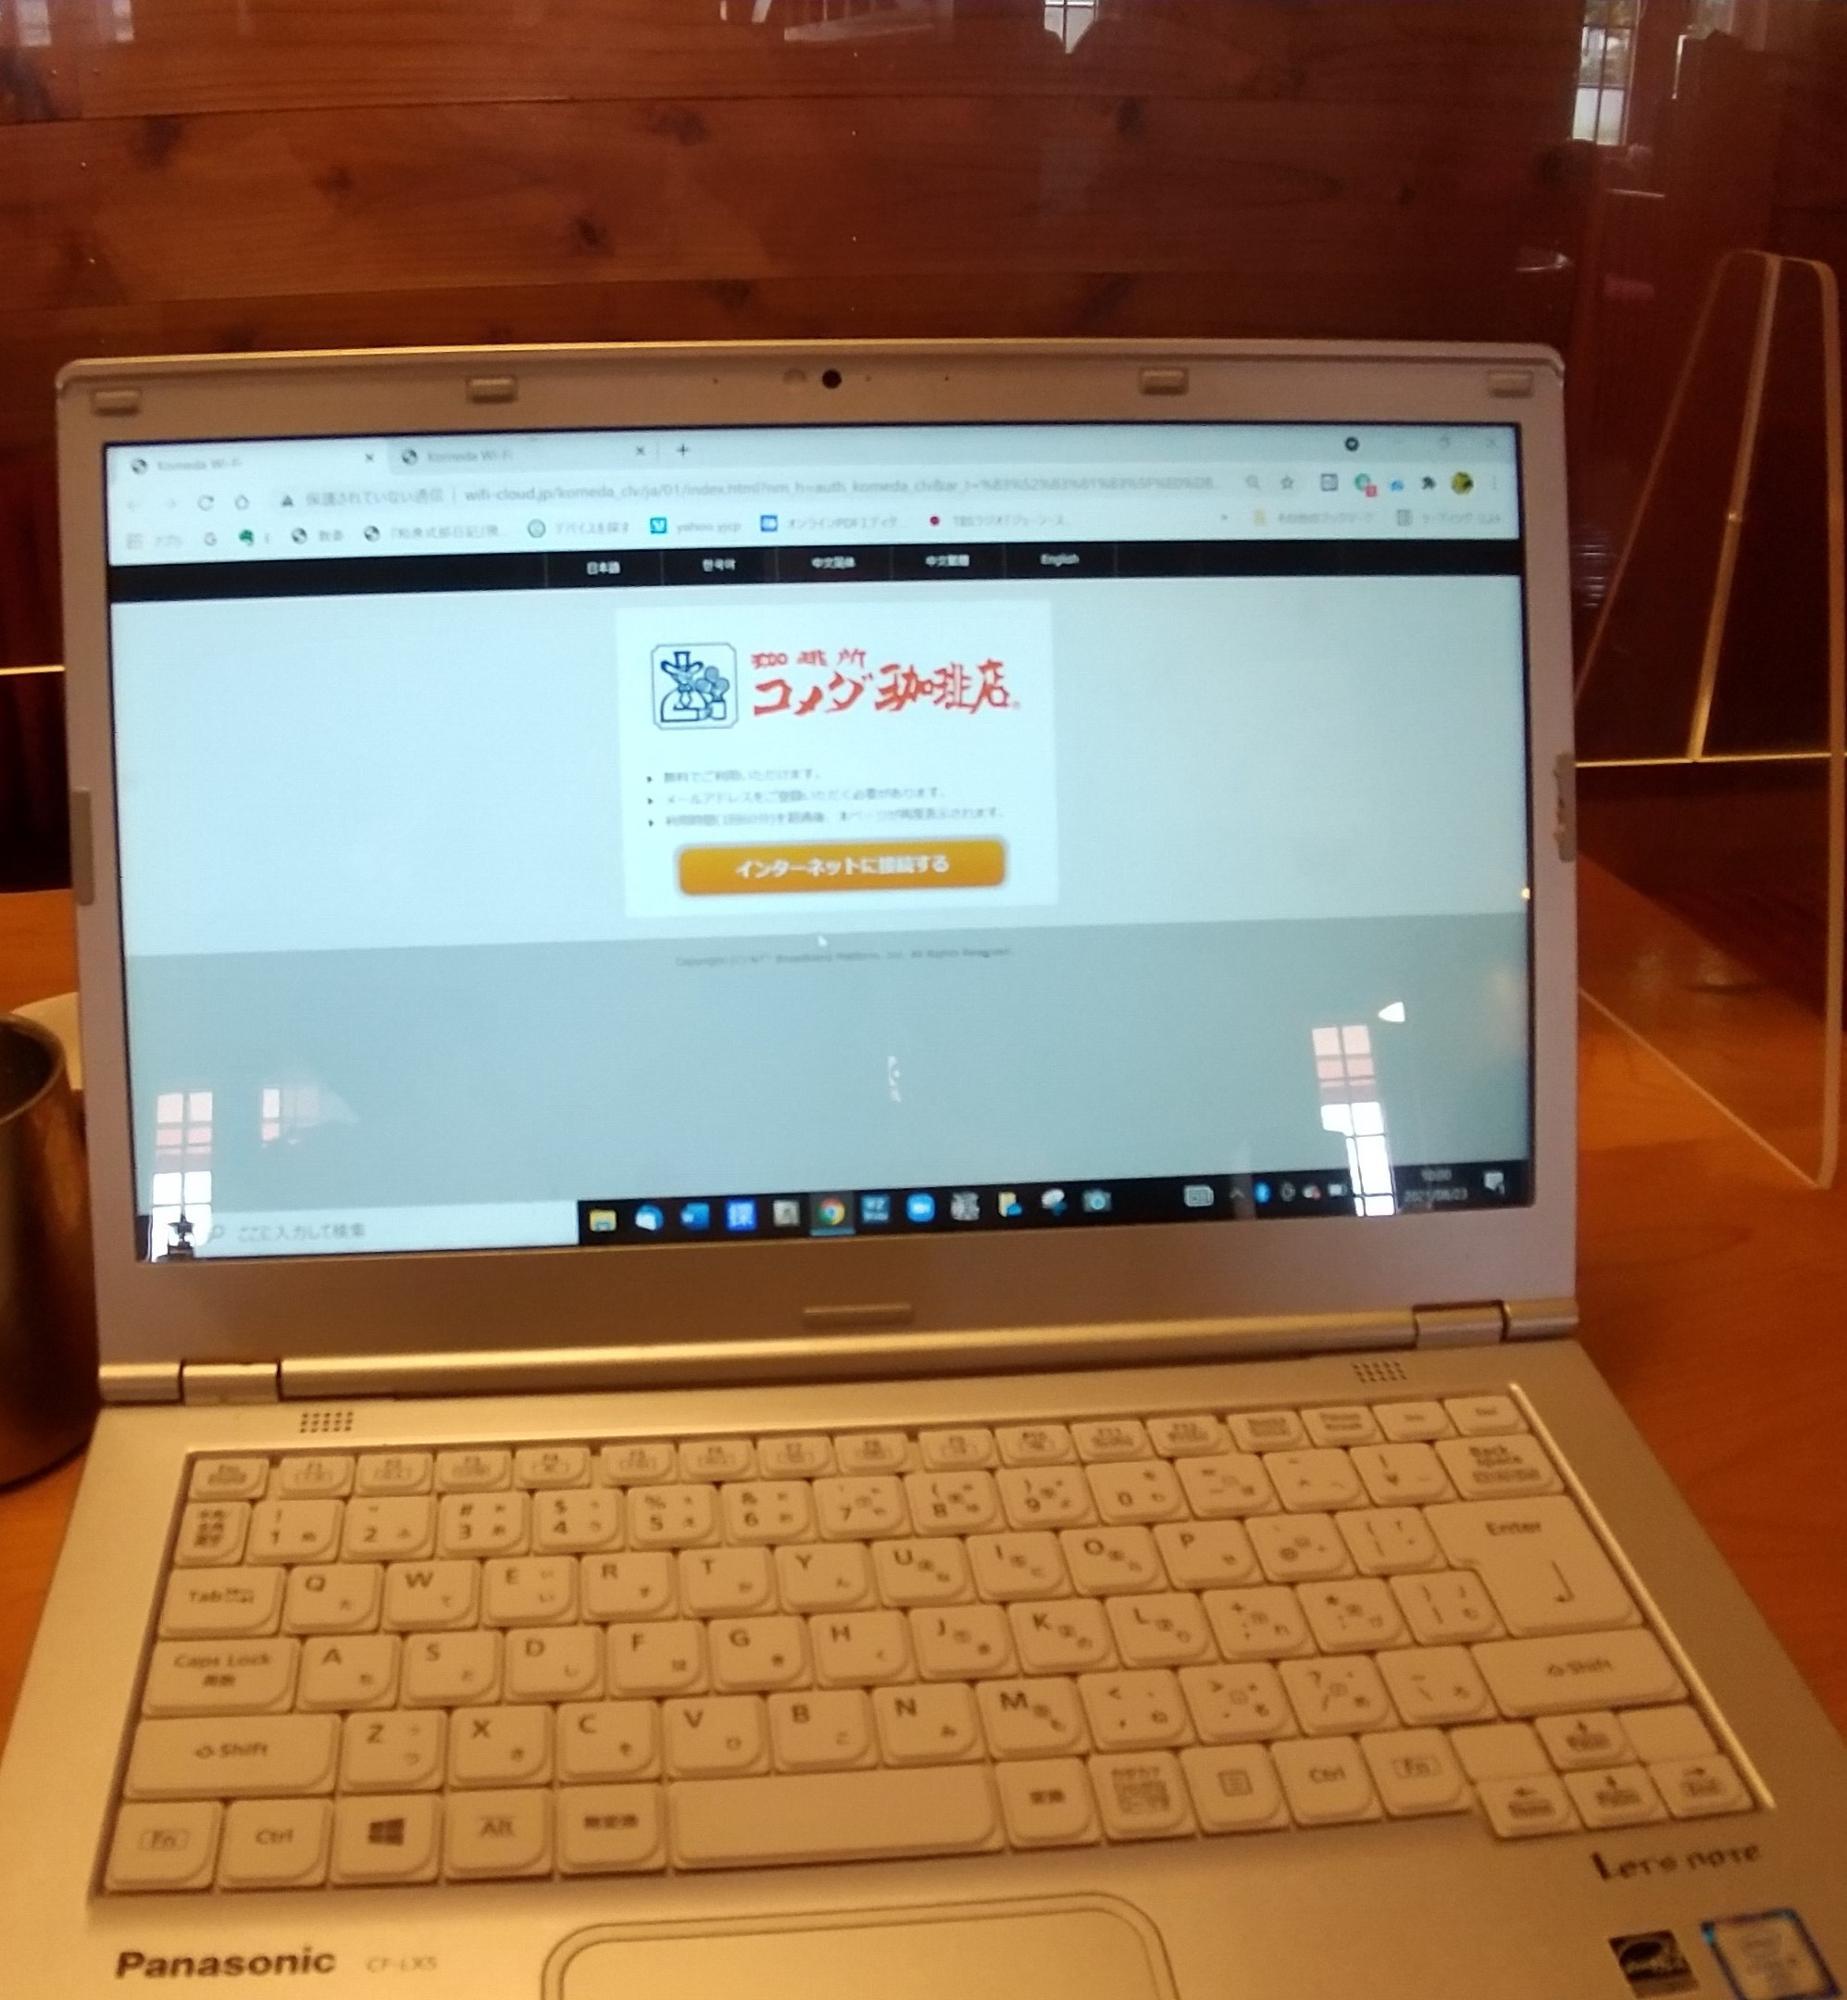 Wi-Fi完備。レッツノートと共に今日も原稿書いてます!